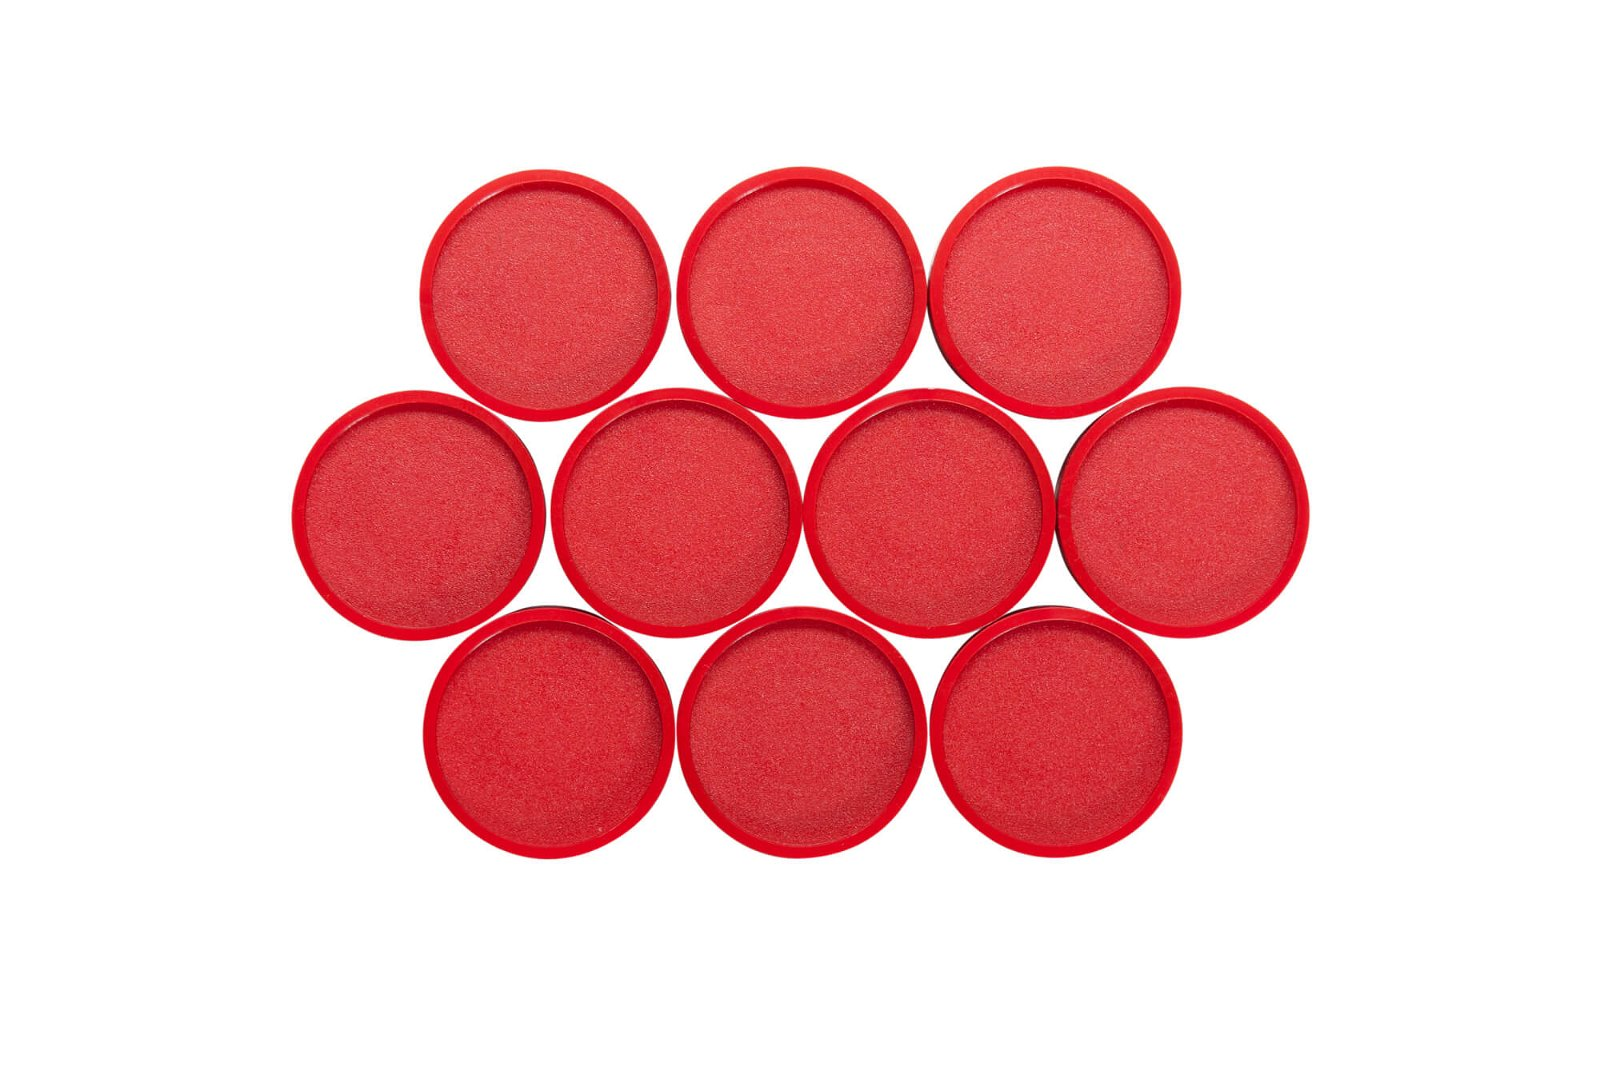 Rund-Magnet, PE Ø 30 mm, 0,6 kg Haftkraft, 10 St./Set, rot